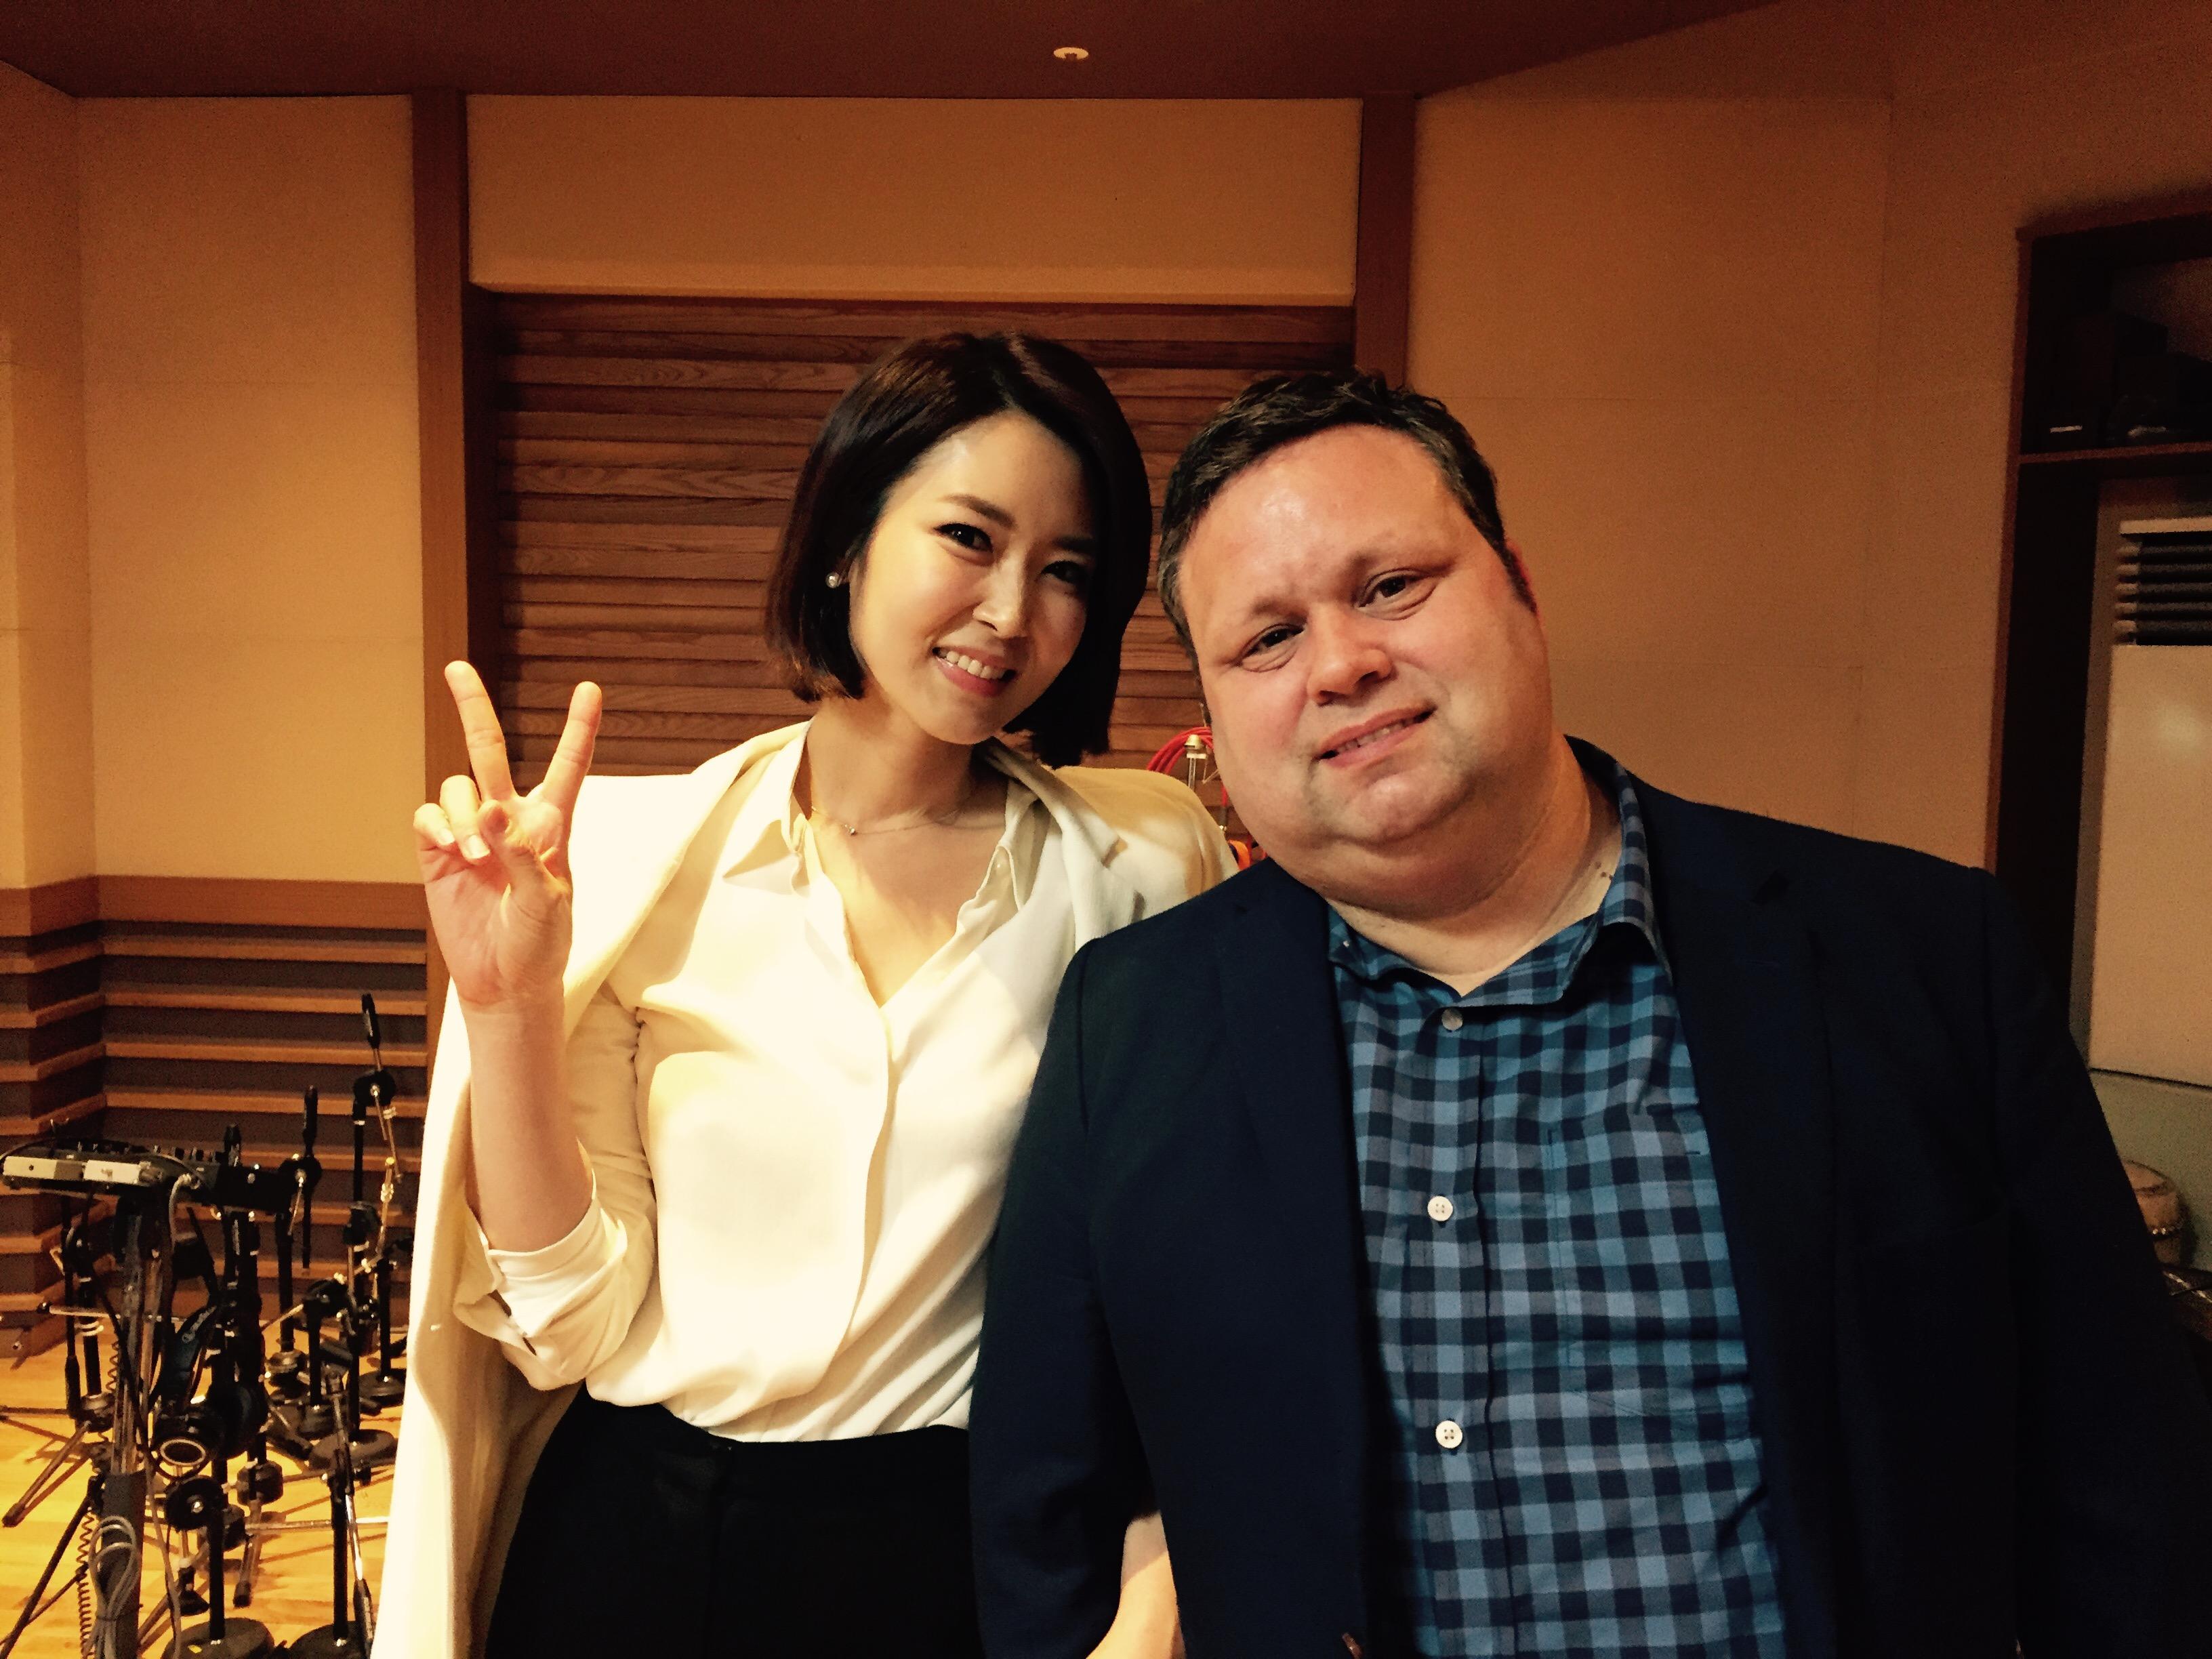 <오늘 아침, 정지영입니다> 폴 포츠 출연, 오페라 가수 데뷔 10주년!